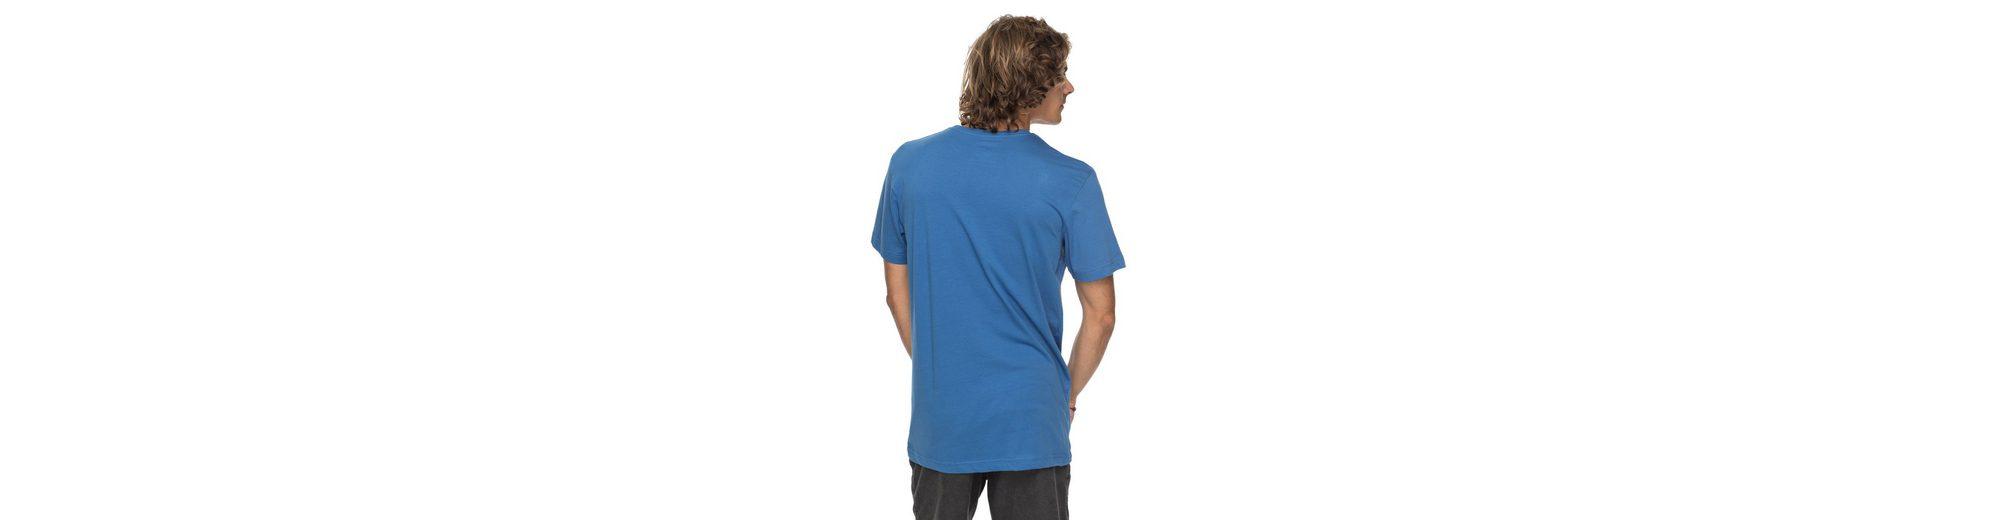 Quiksilver T-Shirt Classic Revenge Geschäft BKFLie